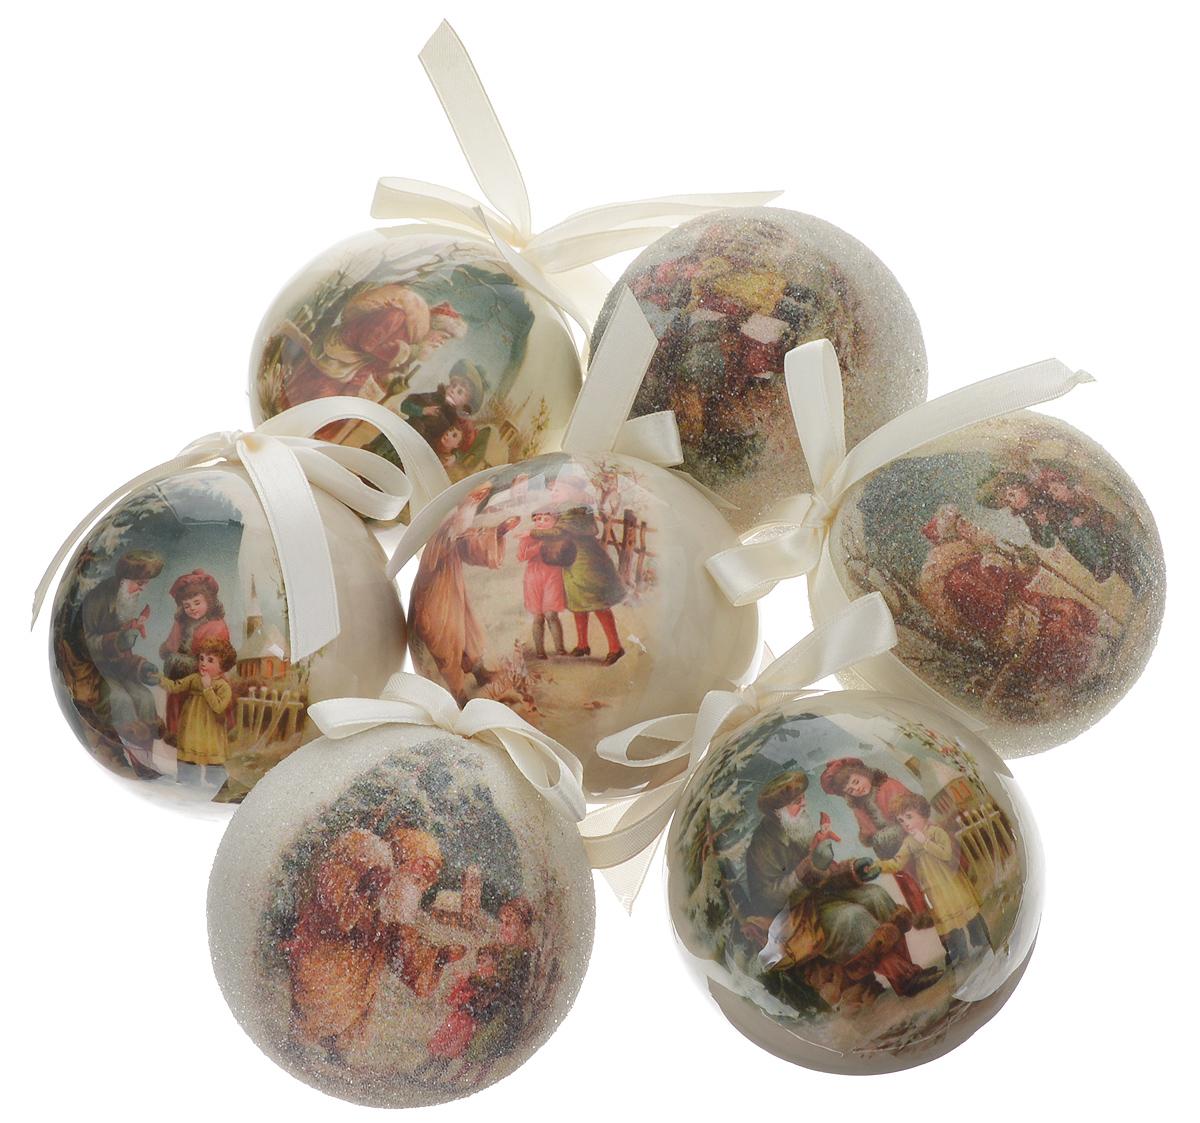 """Набор Winter Wings """"Новогодняя сказка"""" отлично подойдет для декорации вашего дома и новогодней ели. Набор состоит из 7 украшений, выполненных из пластика в виде шаров. Изделия оснащены специальными текстильными петельками для подвешивания в виде бантиков.  Набор упакован в красочную подарочную коробку.  Елочная игрушка - символ Нового года. Она несет в себе волшебство и красоту праздника. Создайте в своем доме атмосферу веселья и радости, украшая всей семьей новогоднюю елку нарядными игрушками, которые будут из года в год накапливать теплоту воспоминаний."""